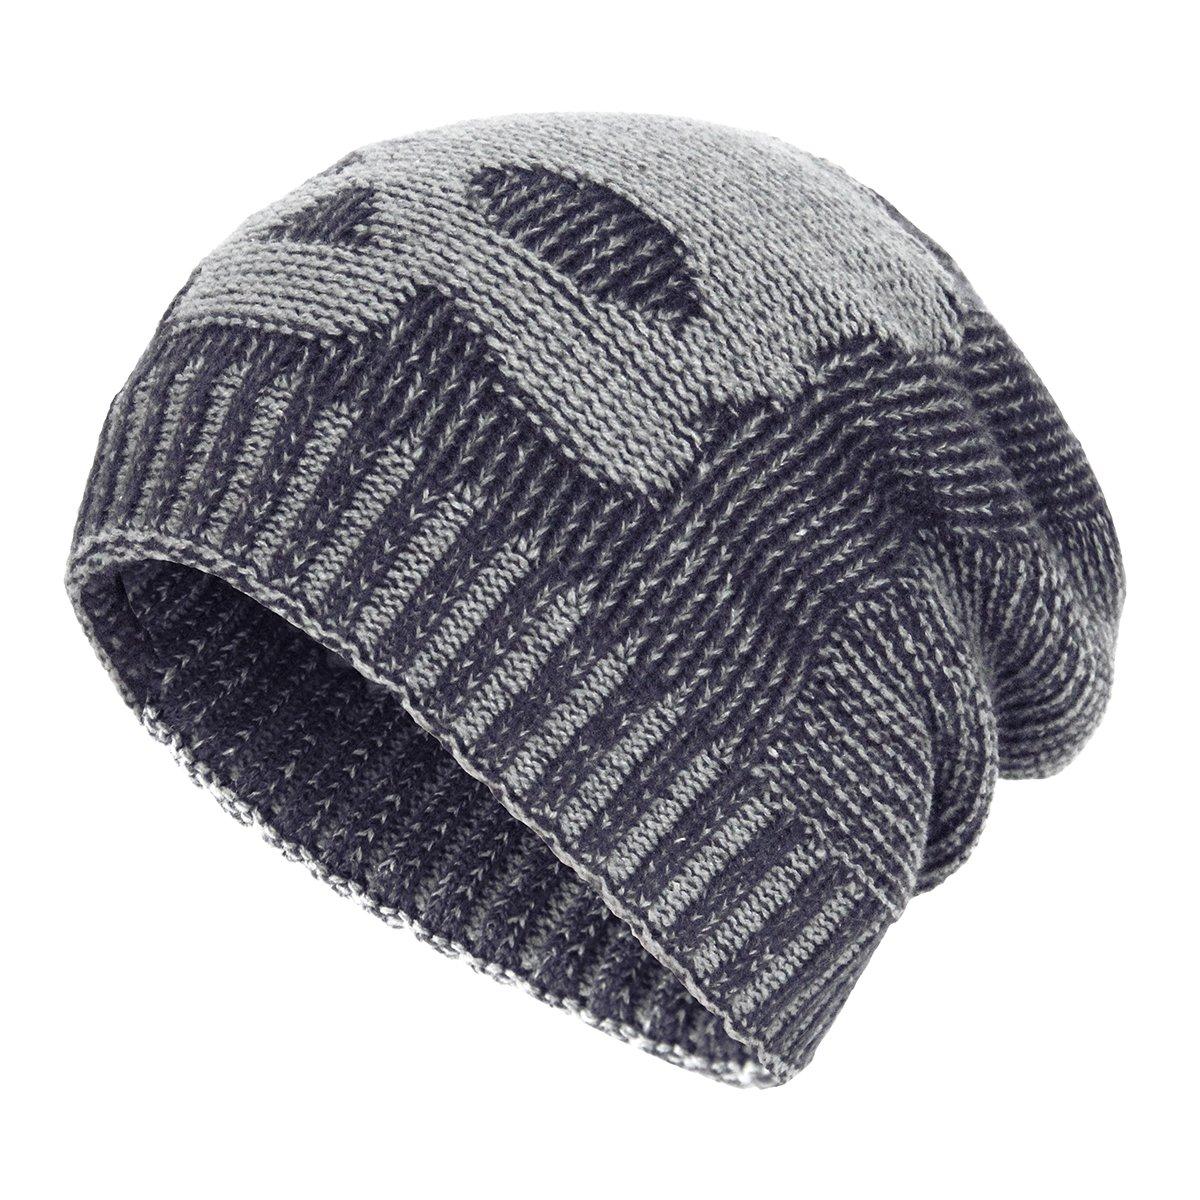 1bd4095196b OMECHY Winter Slouchy Beanie Hats Unisex Skull Knit Wool Ski Cap Hat ...